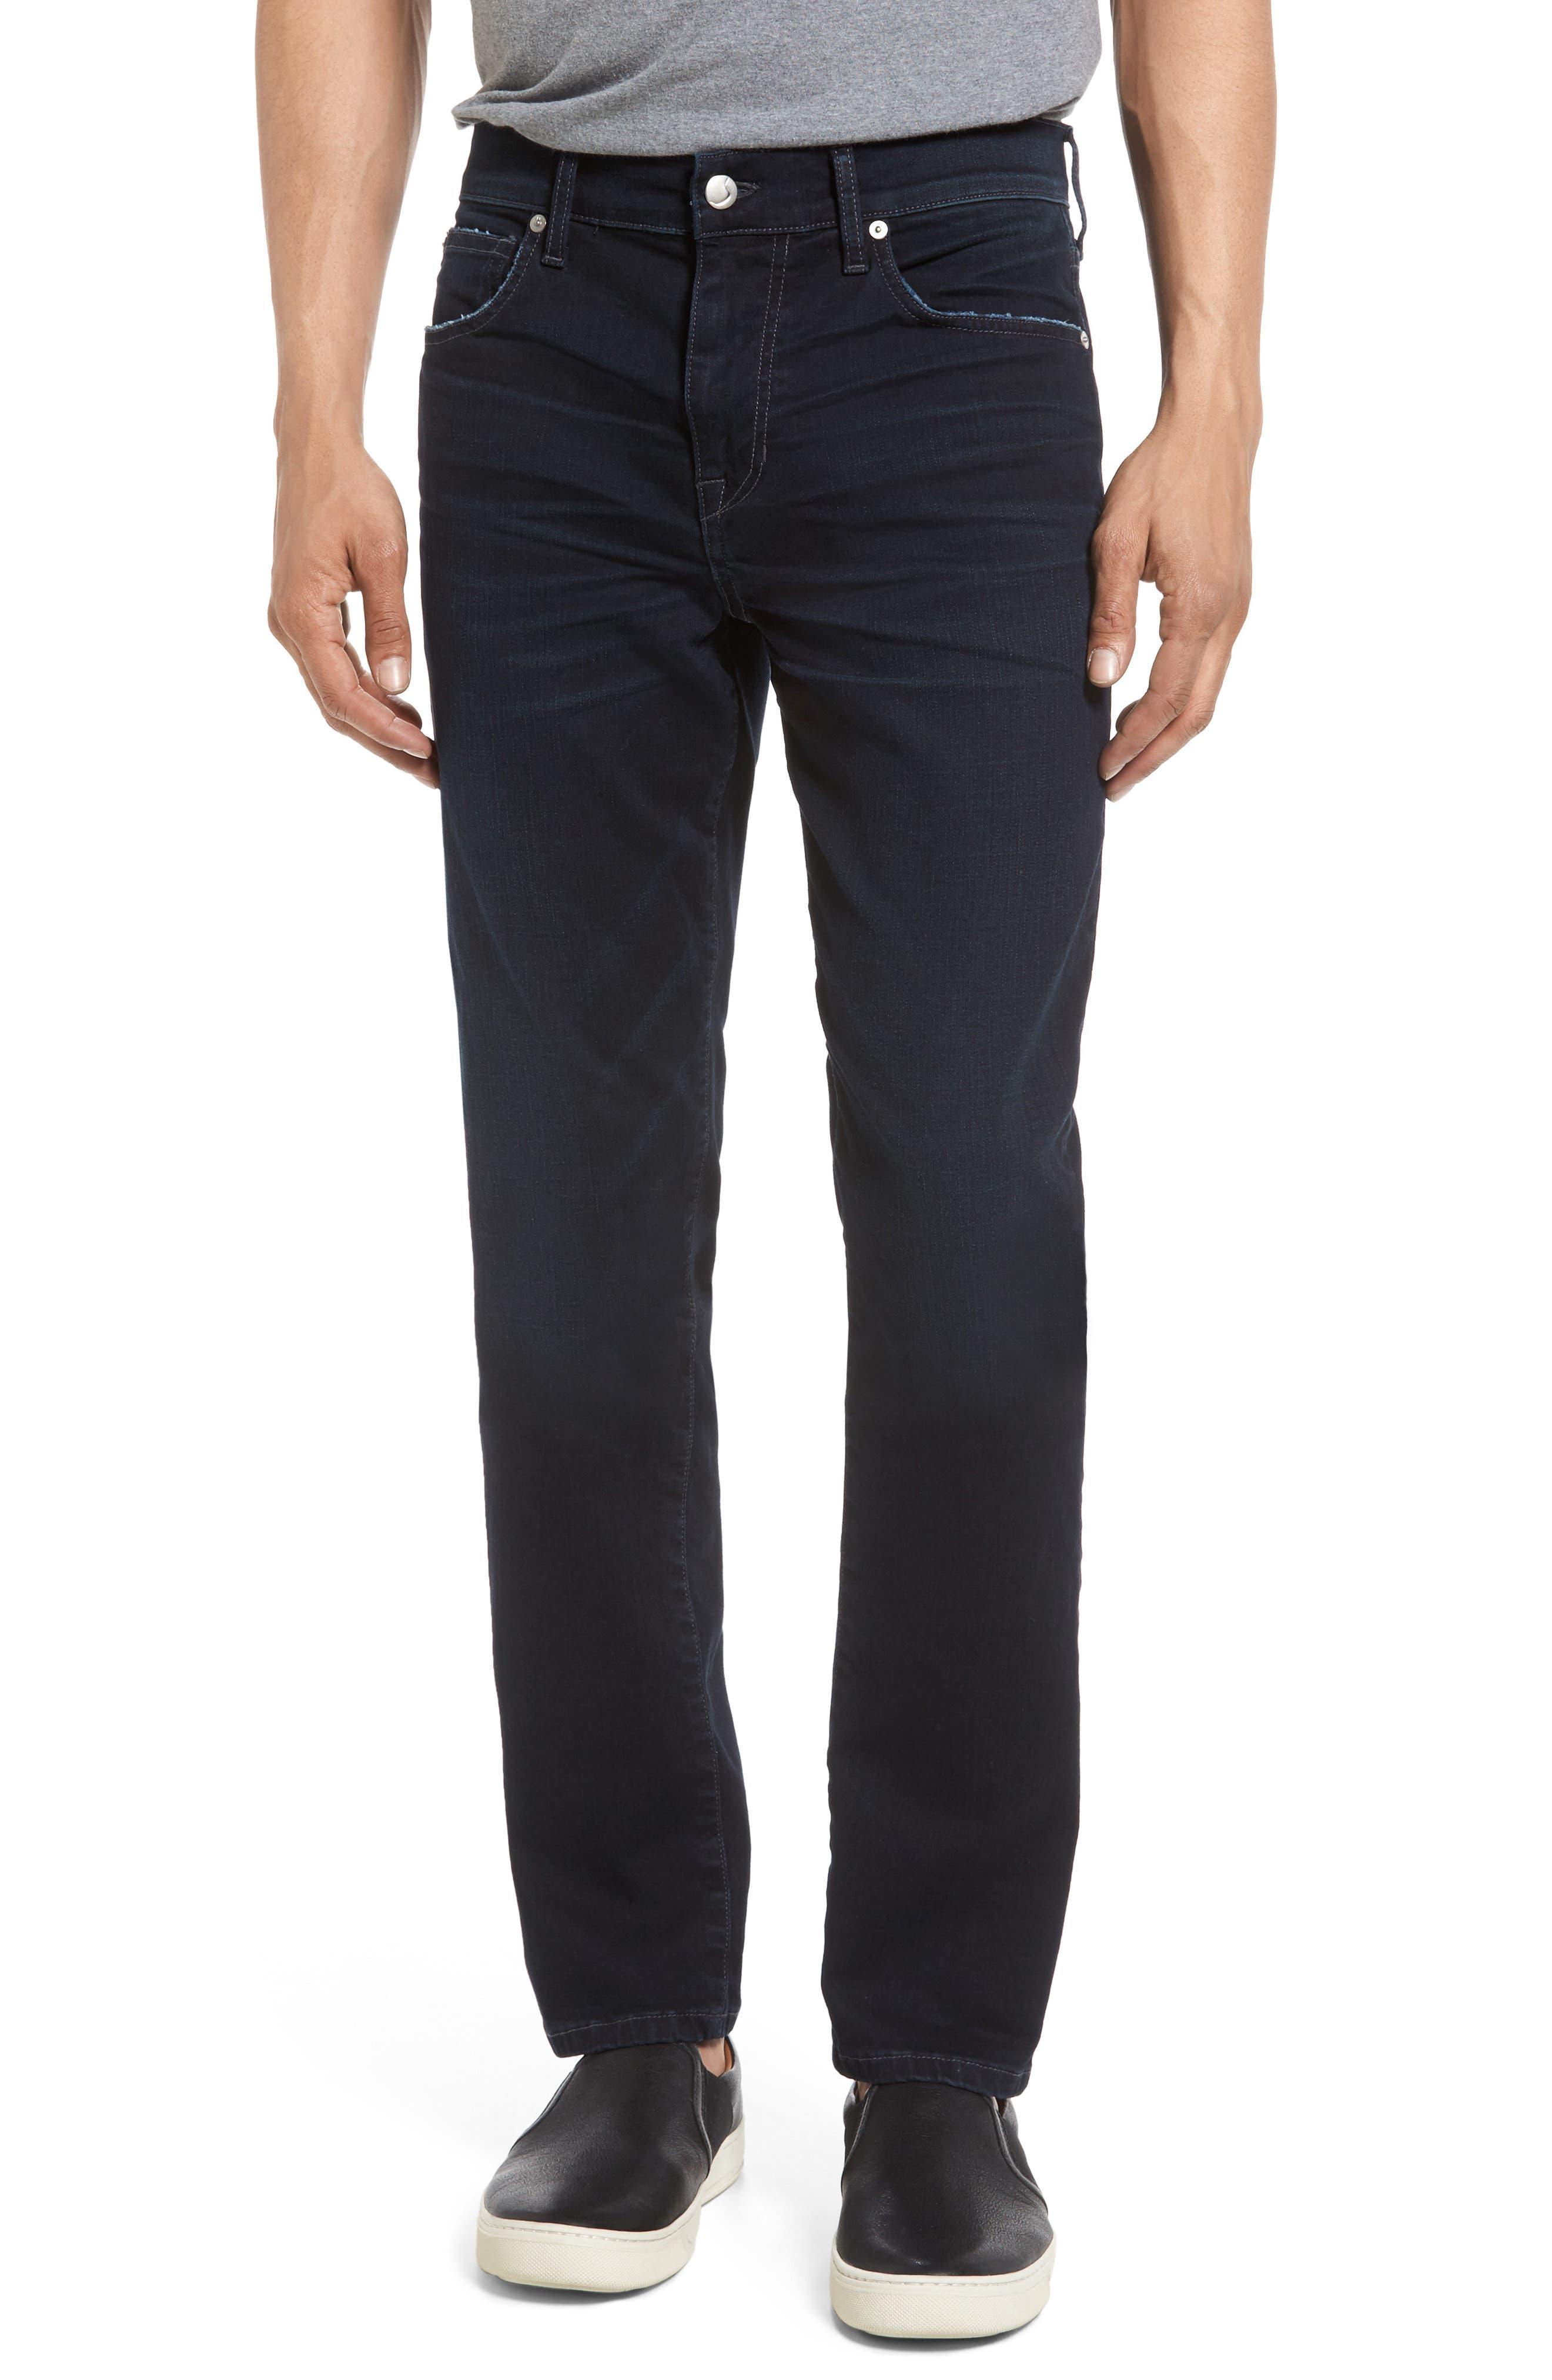 JOES Slim Fit Jeans